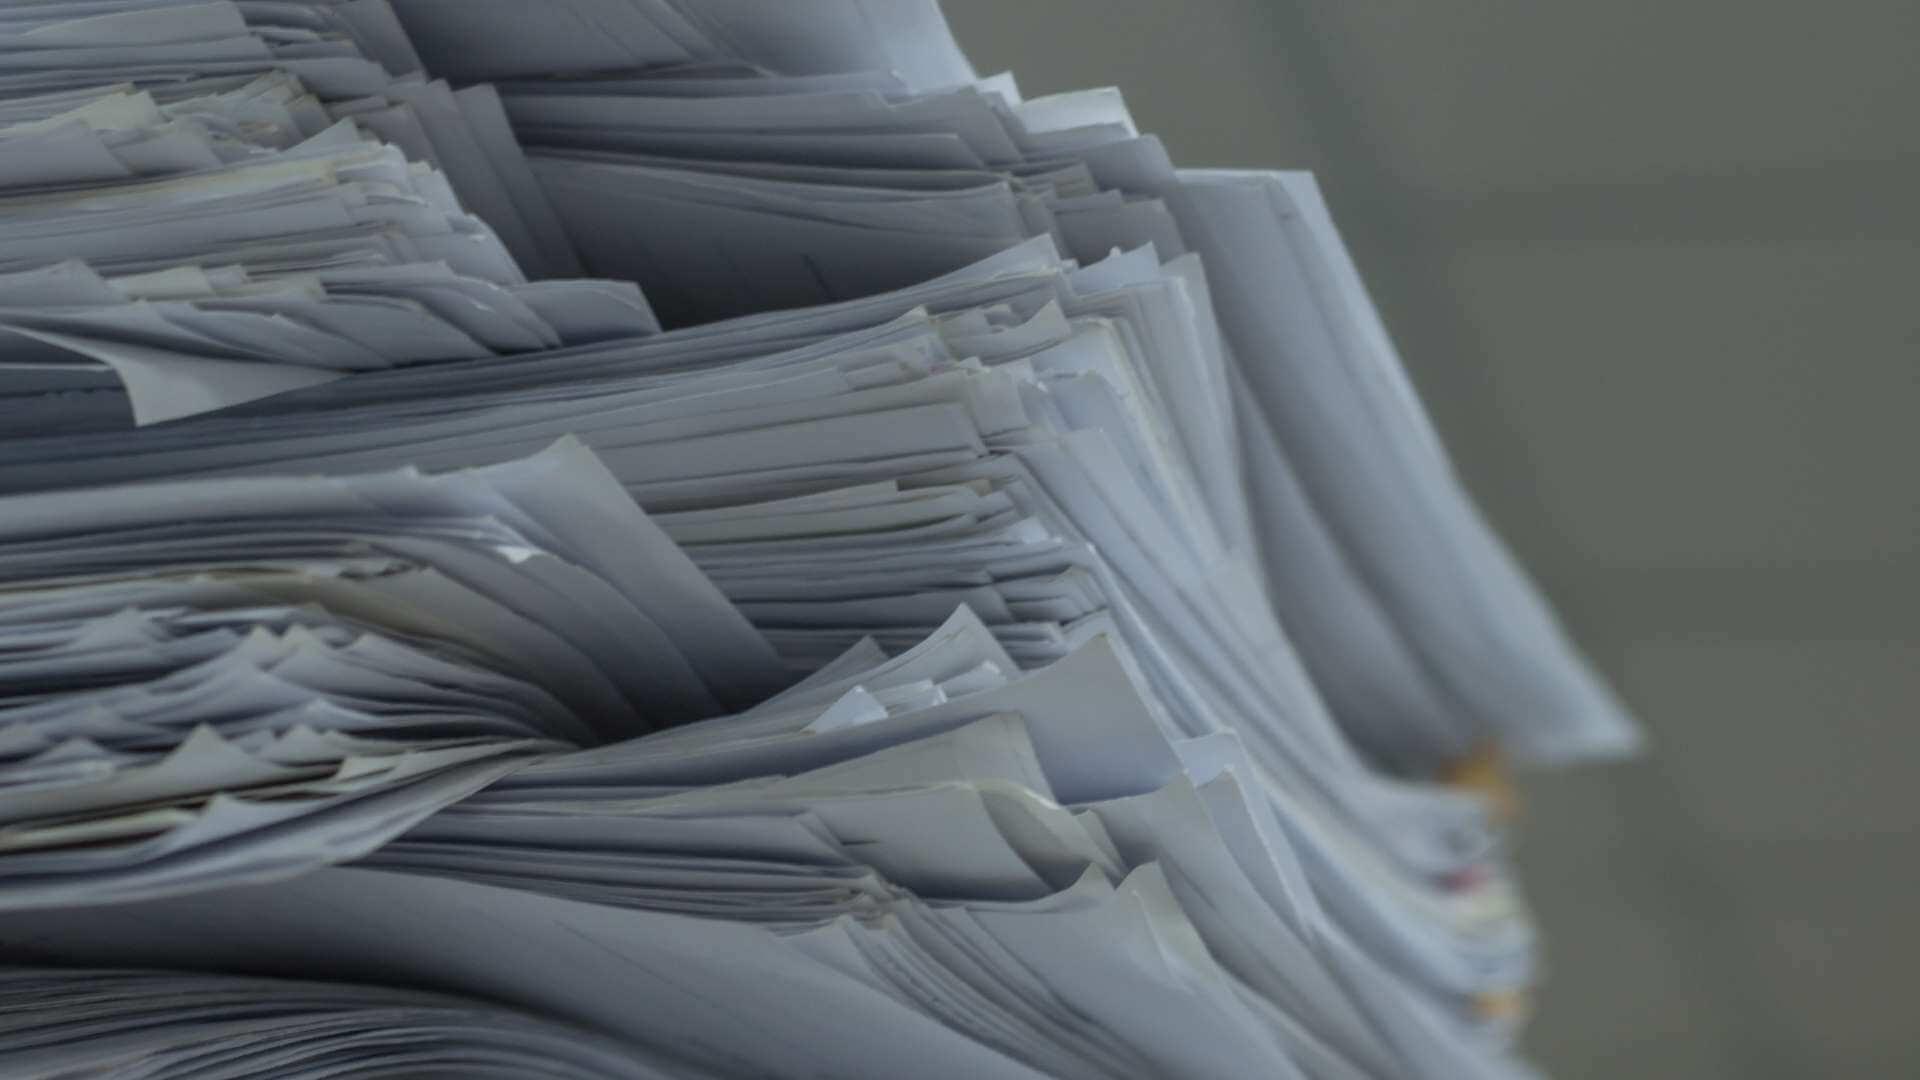 Cum luptăm cu risipa de hârtie? O tonă de hârtie reciclată salvează 17 copaci